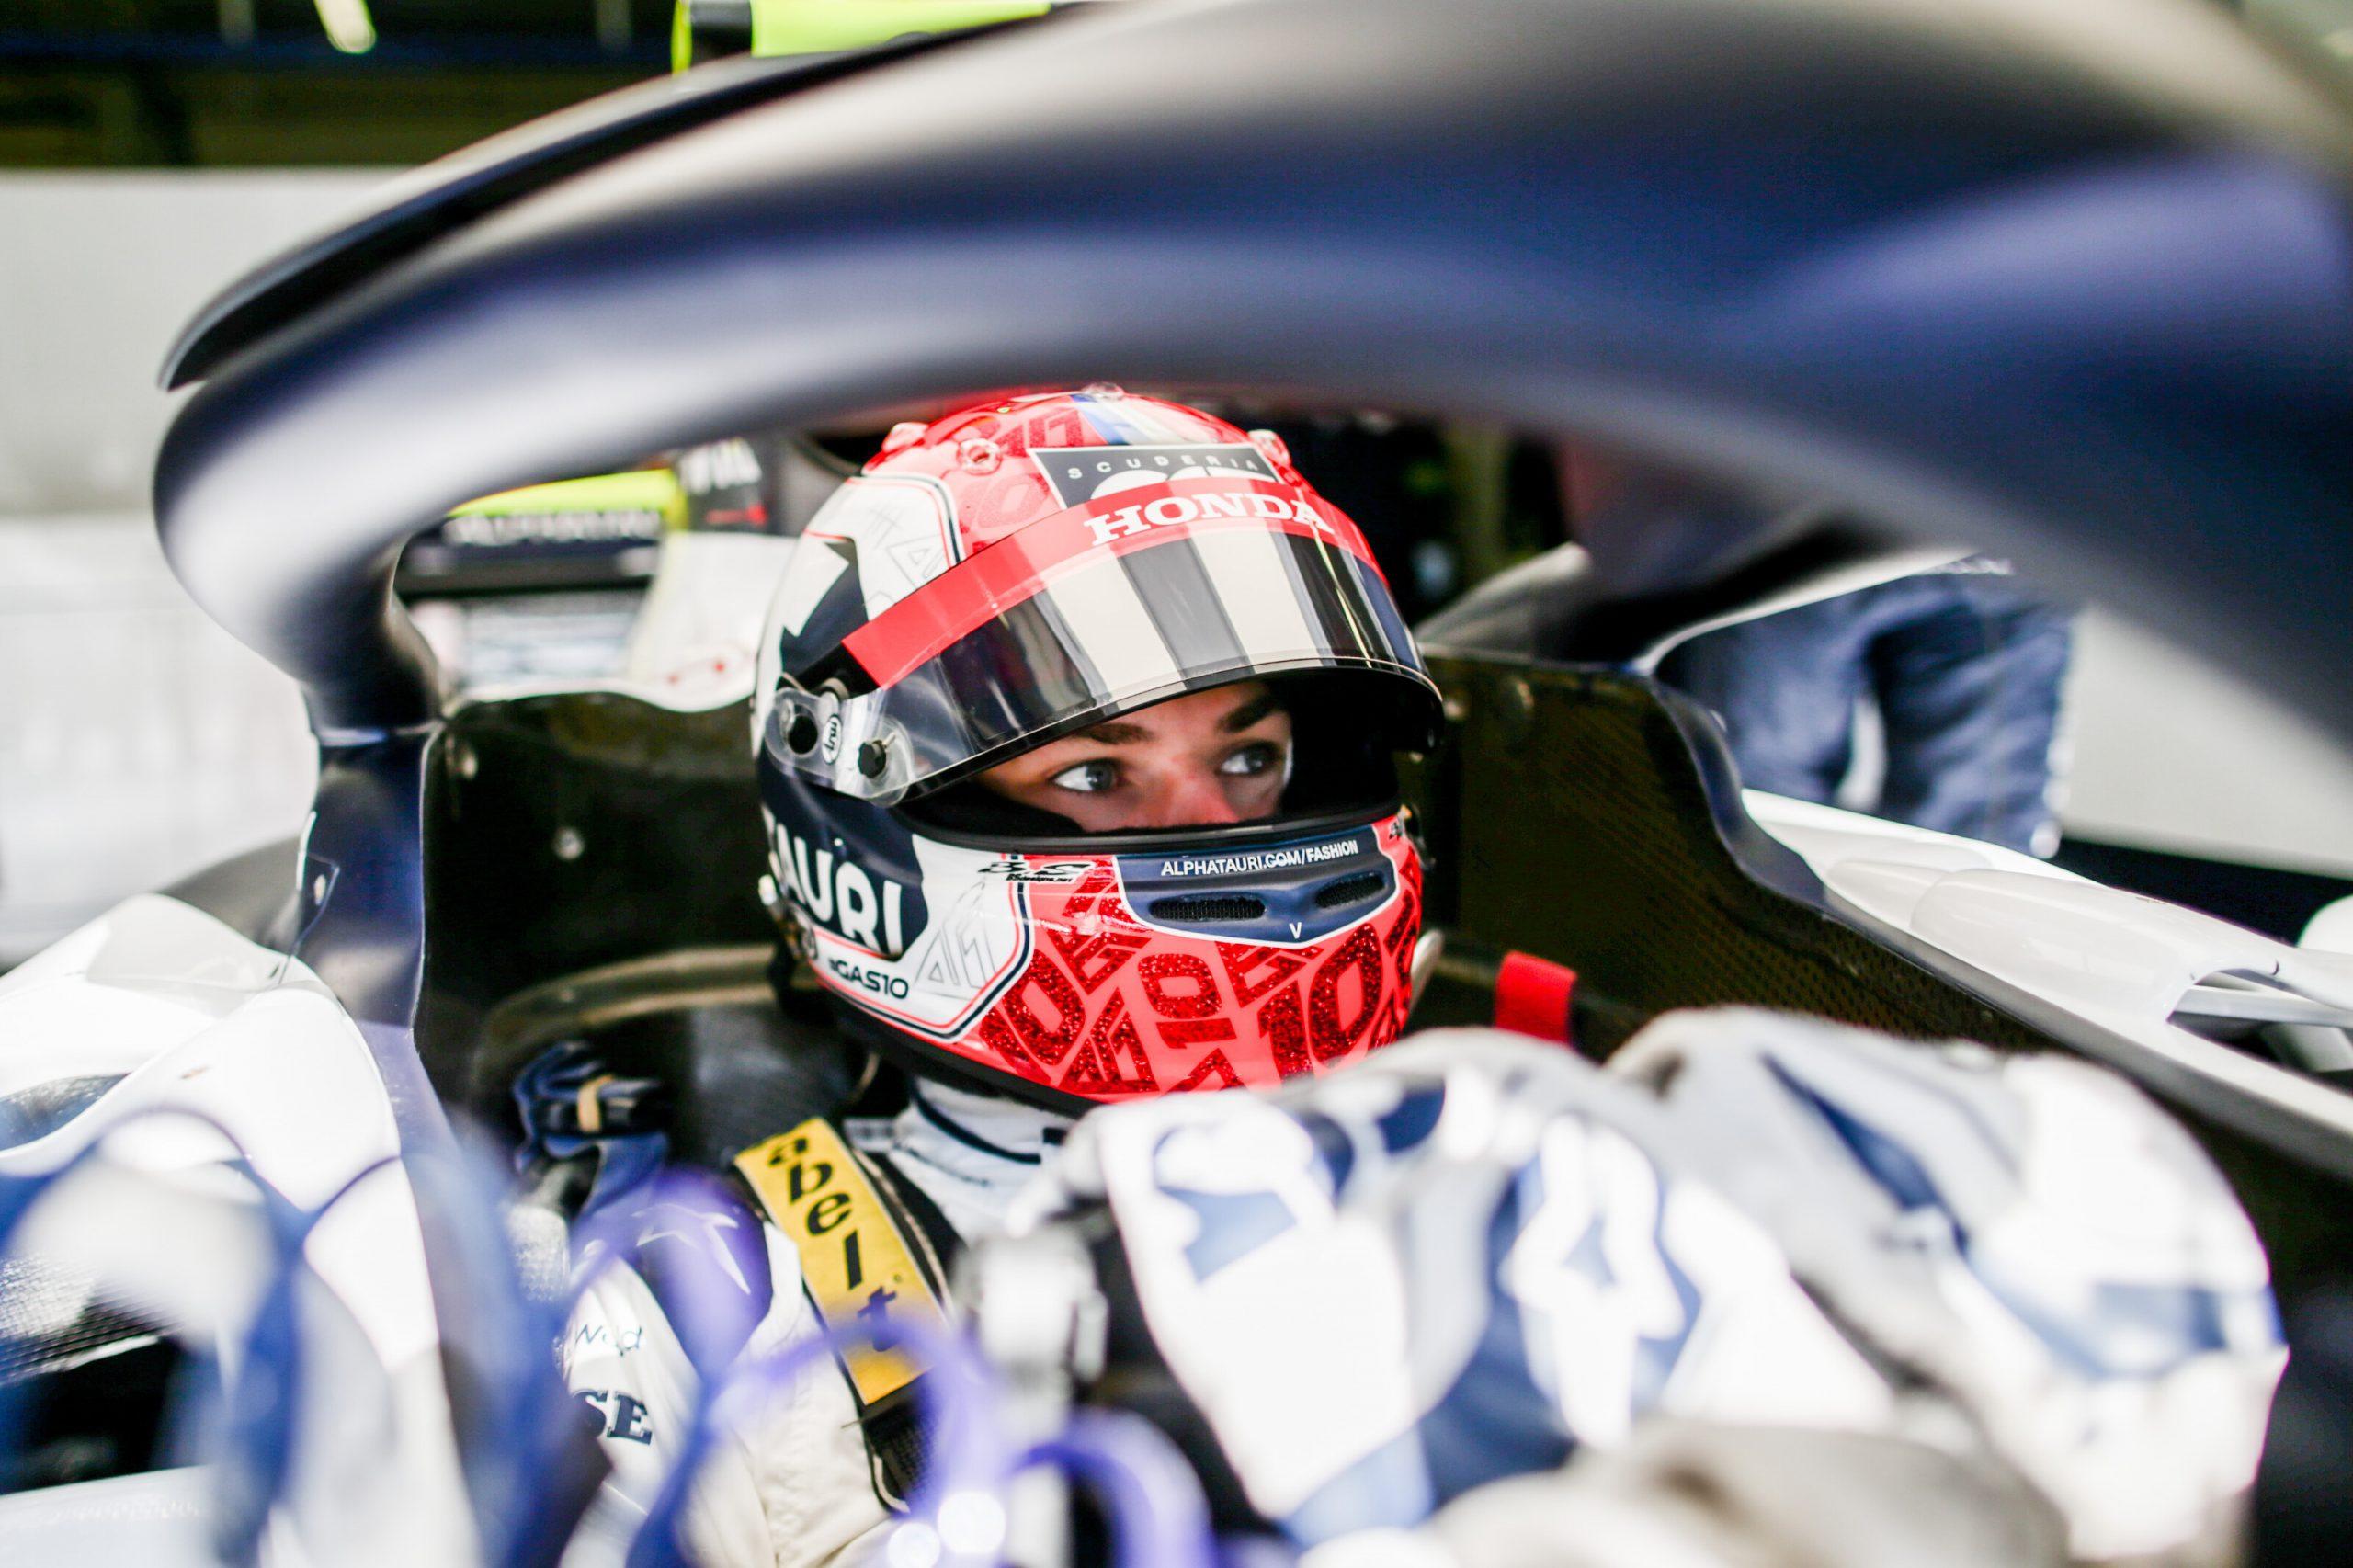 """F1 - Gasly s'attend à un GP de Sakhir """"spectaculaire"""" sur l'ovale de Bahreïn"""